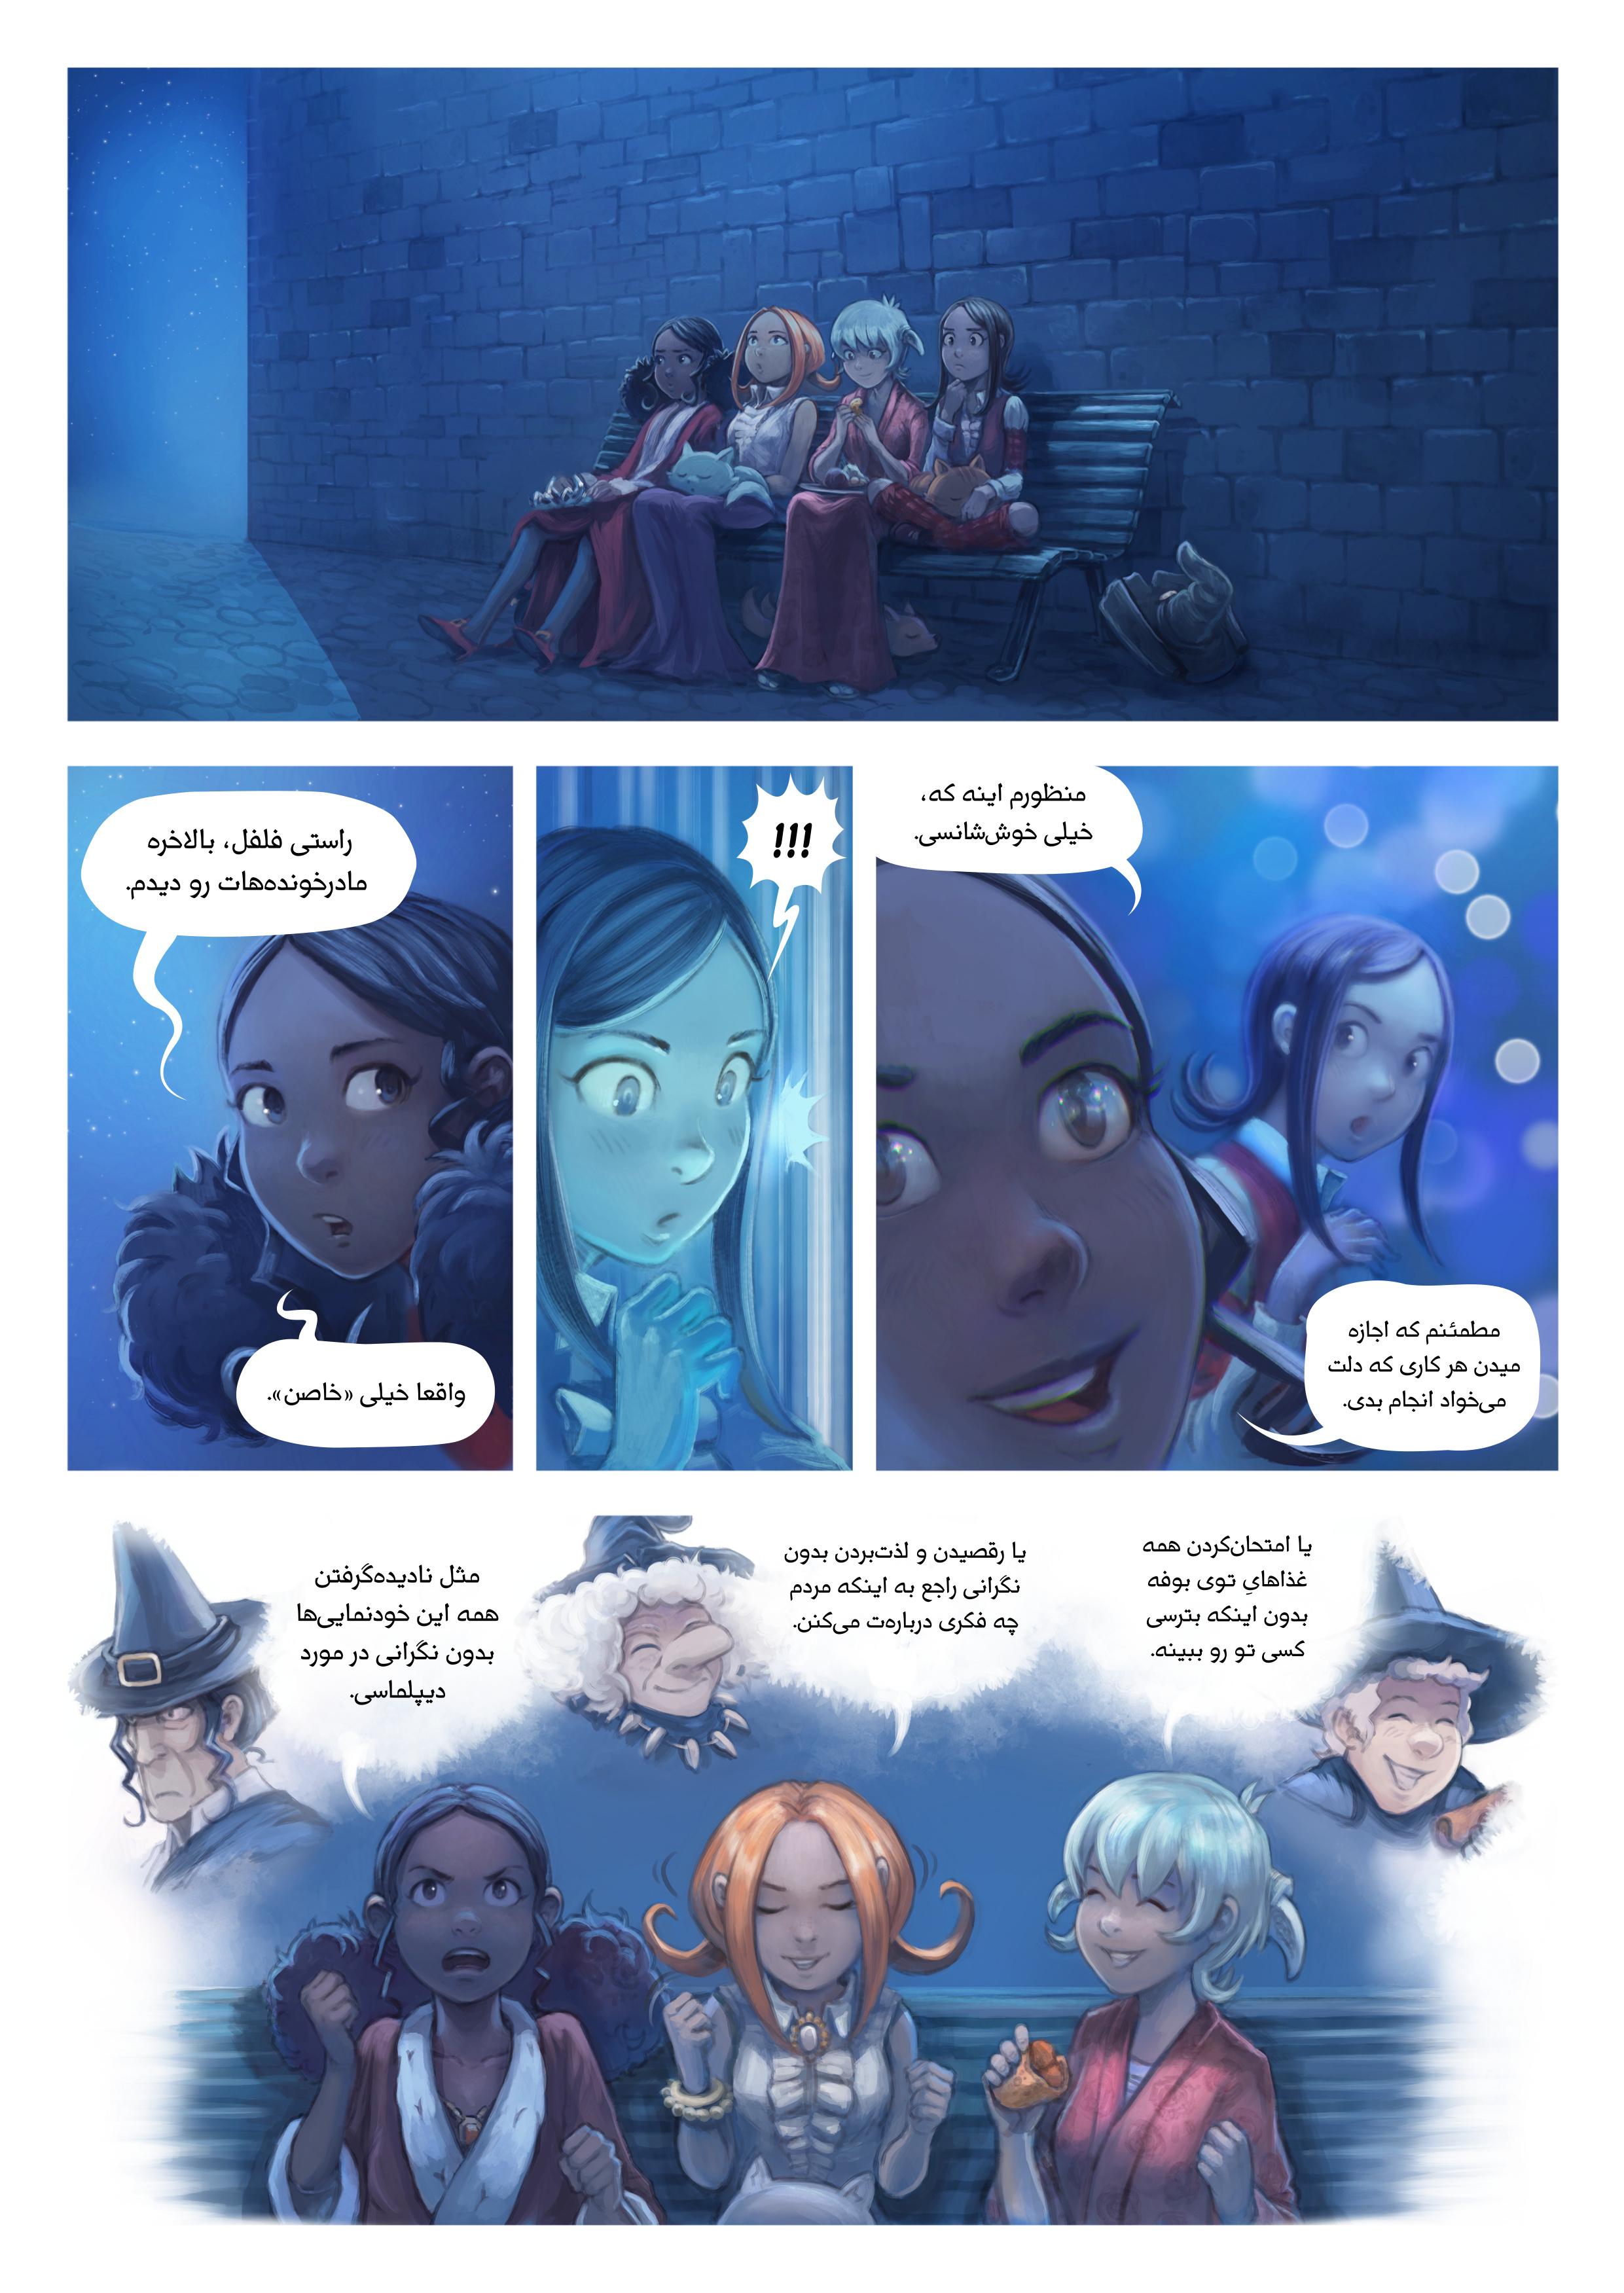 قسمت بیست و هشتم: جشن و سرور, Page 8